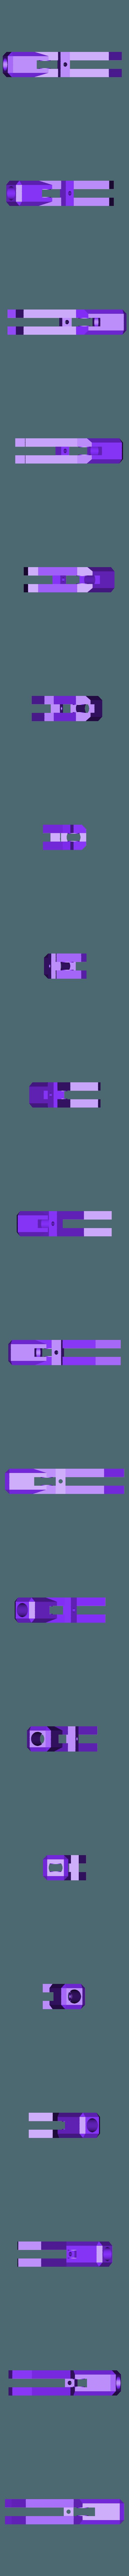 Clamp.stl Télécharger fichier STL gratuit Kit de supports, de pinces et d'équipement • Modèle pour impression 3D, TinkersProjects